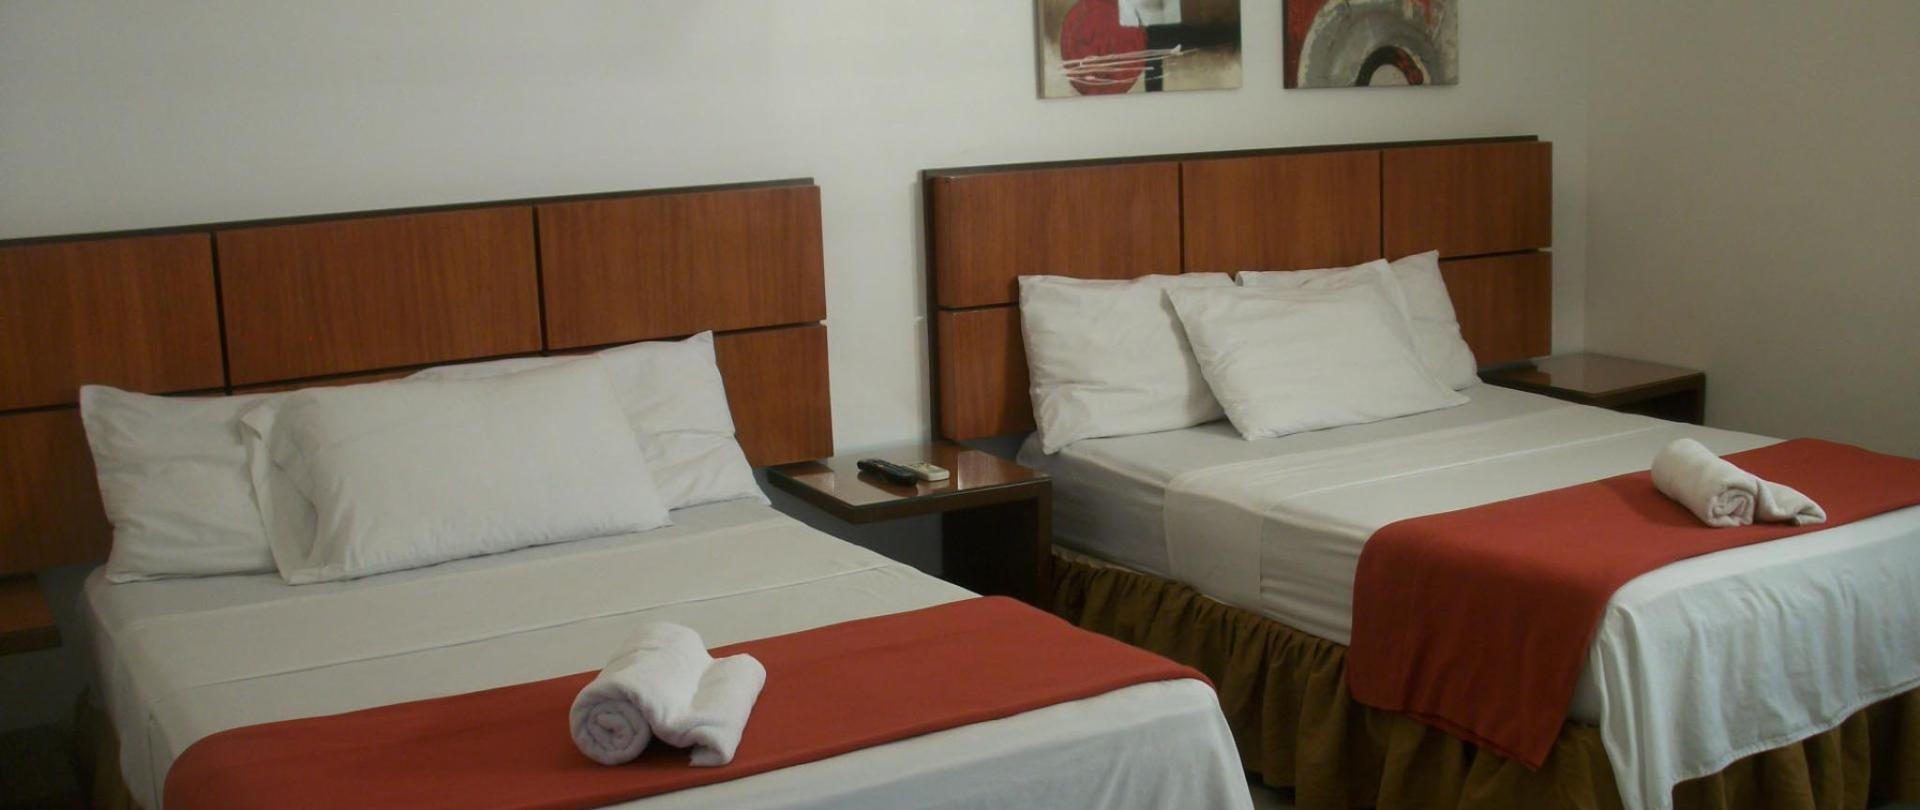 apart-suites-21.jpg